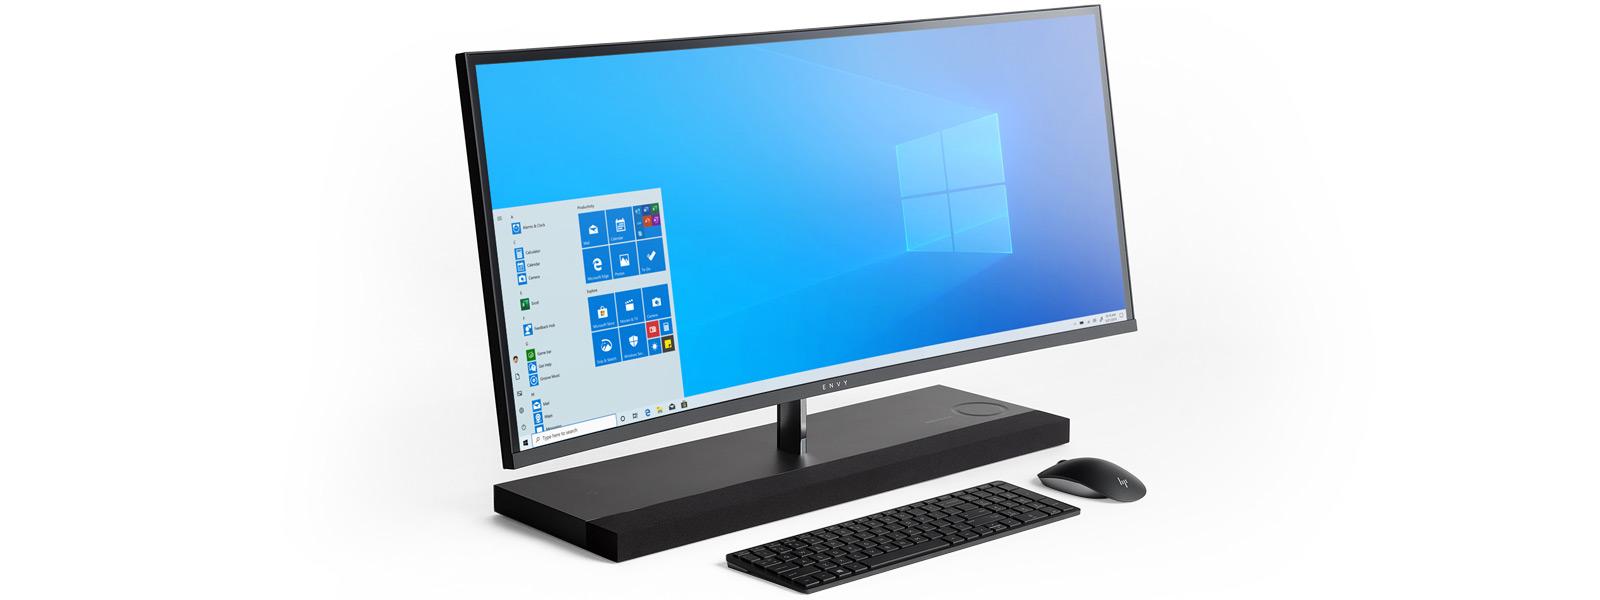 Ein HP ENVY 27-All-in-One-Computer mit einem Windows 10-Startbildschirm und einer Tastatur und Maus davor